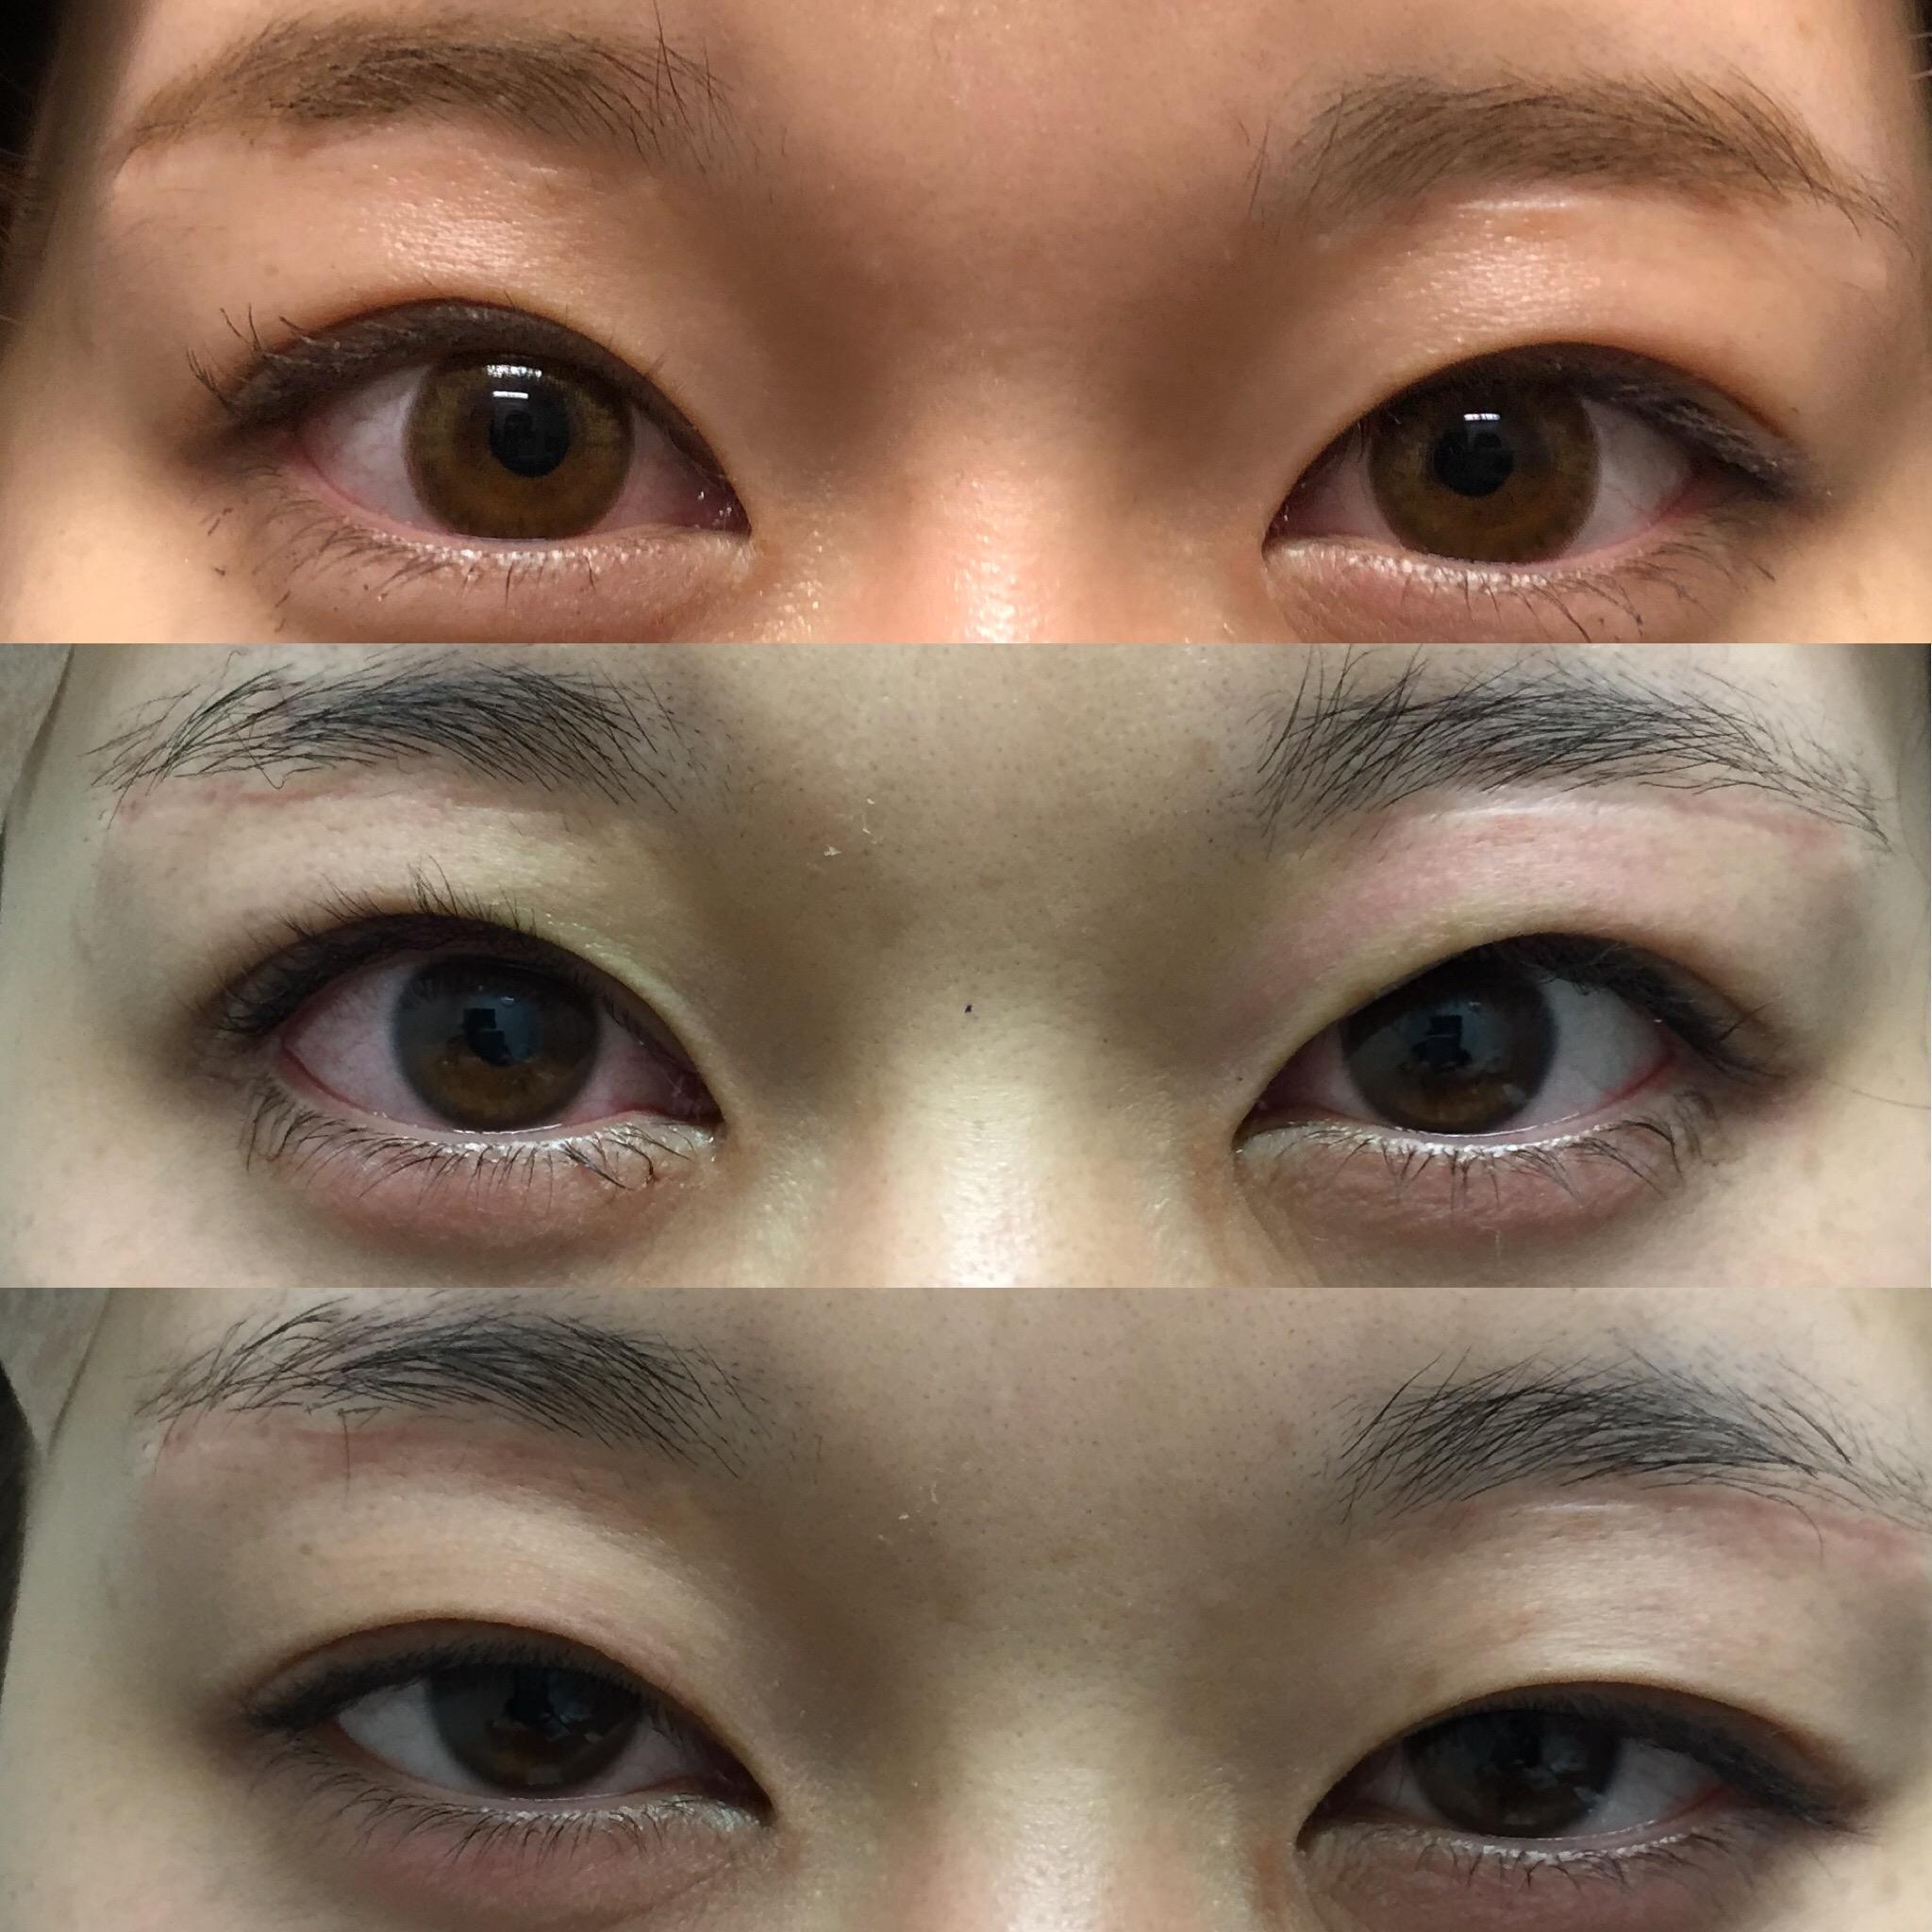 切らない眼瞼下垂症手術(LT法) , 原田崇史ドクターブログ